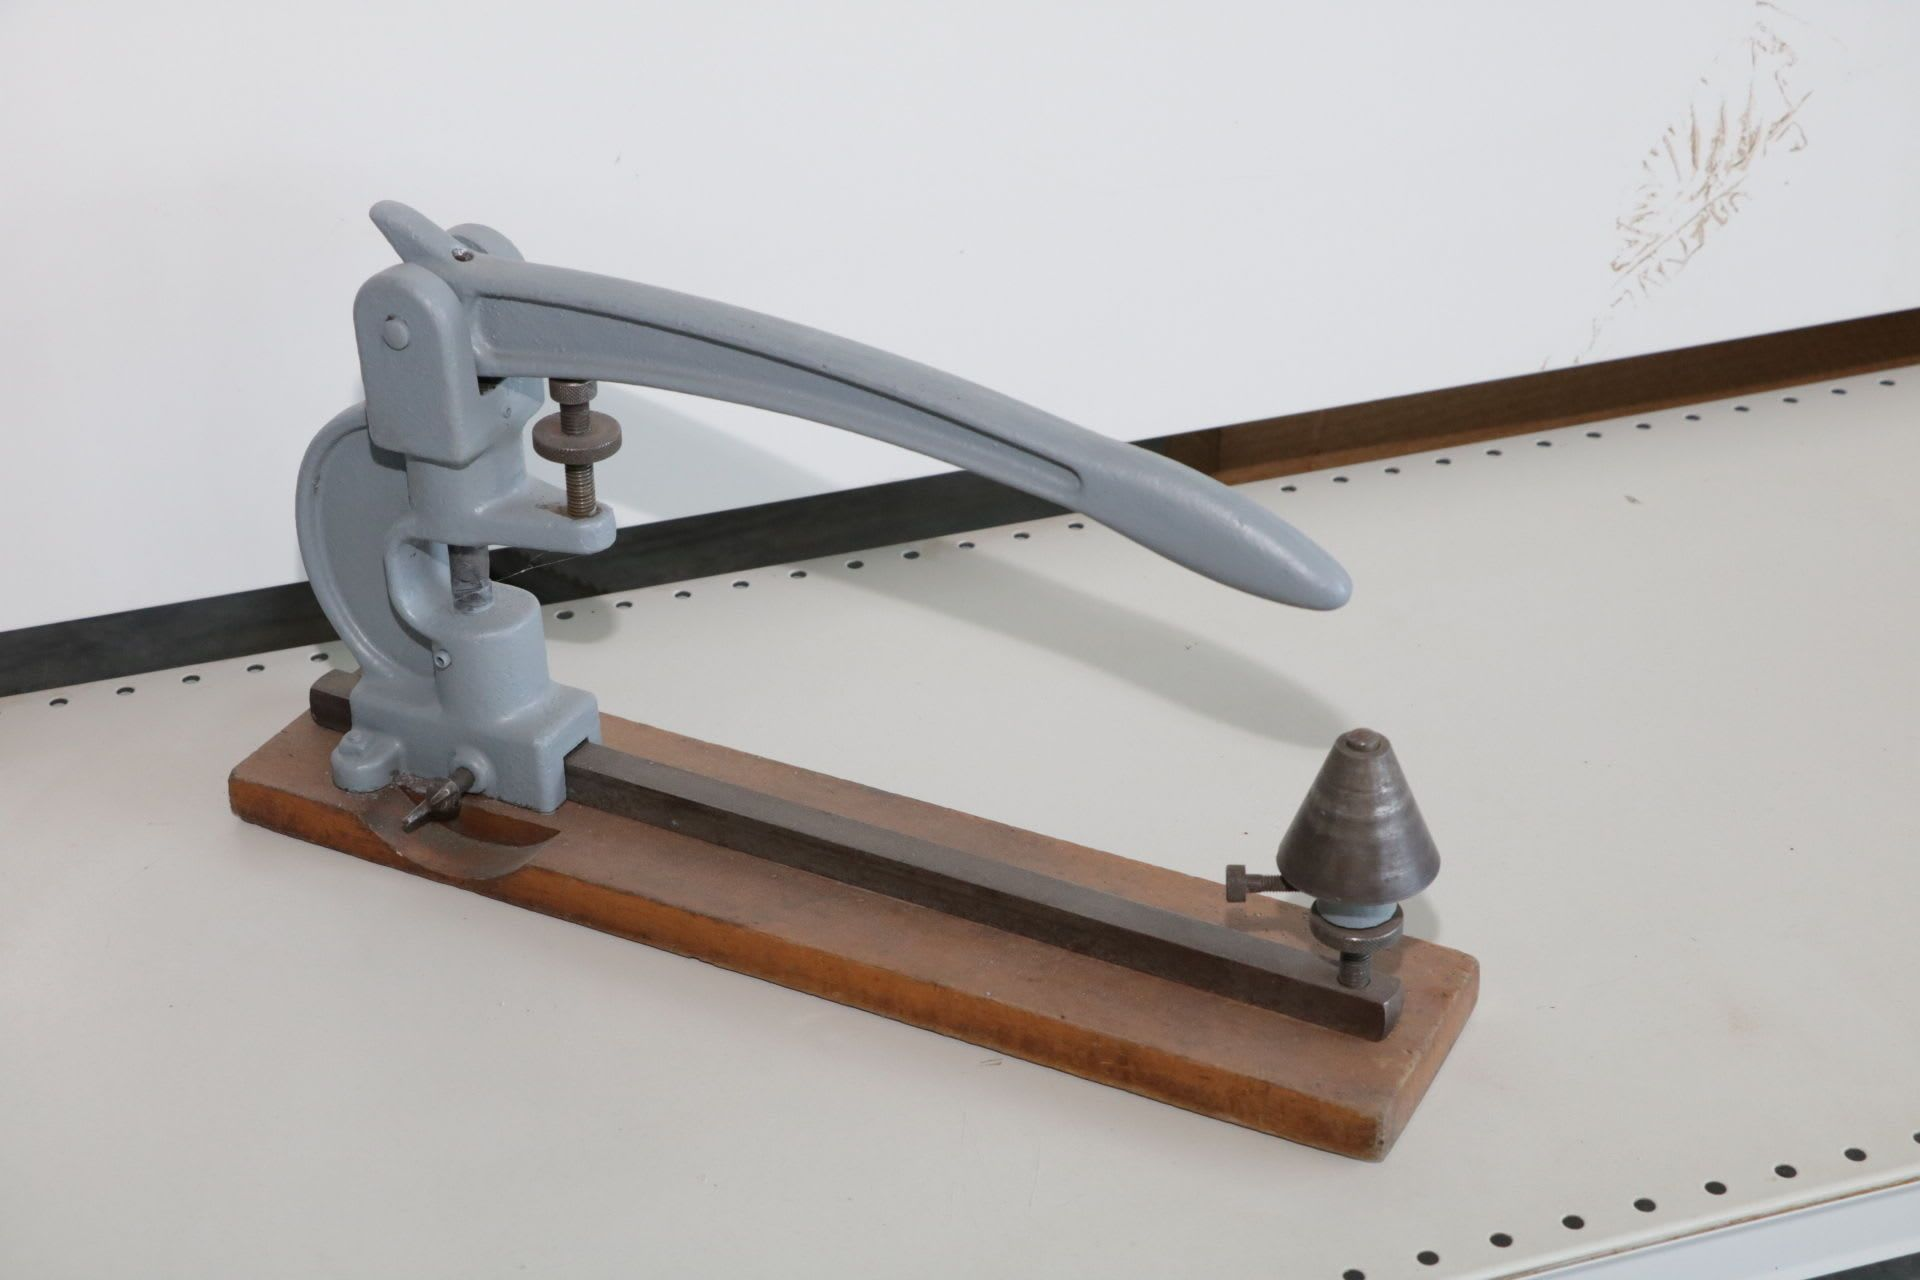 Einstellmaschine für Sägebänder einer Sägebandmaschine